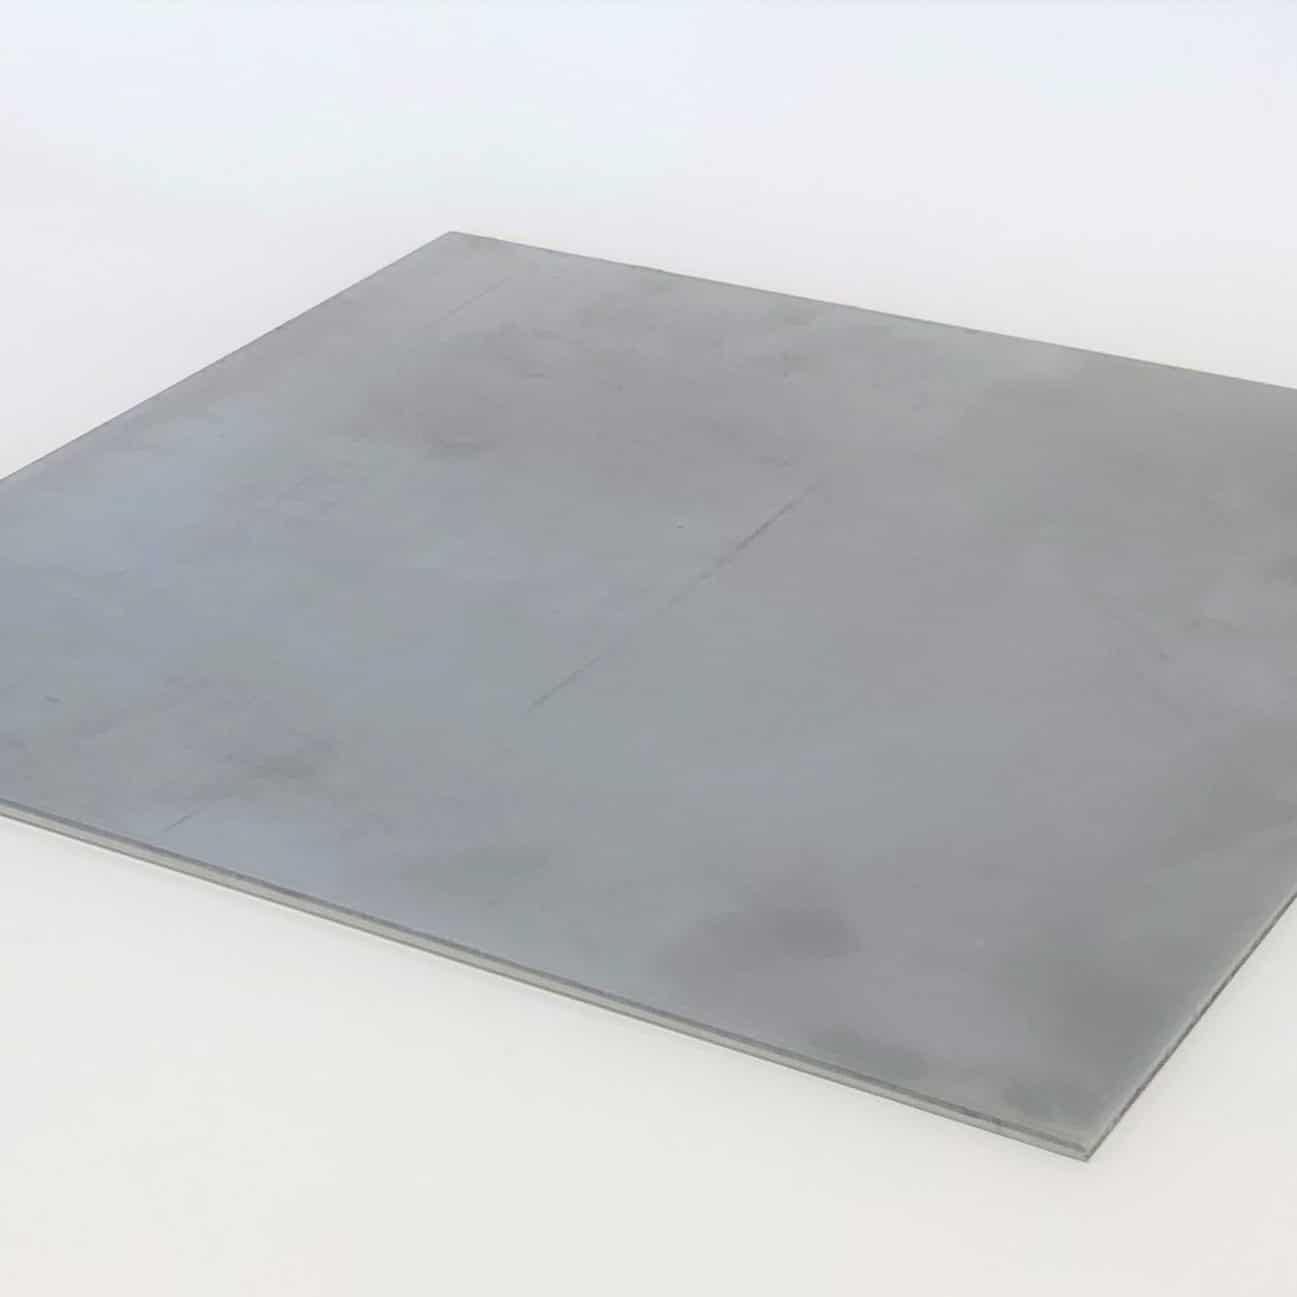 Bild på en kallvalsad plåt DC01 från Bromma Stål